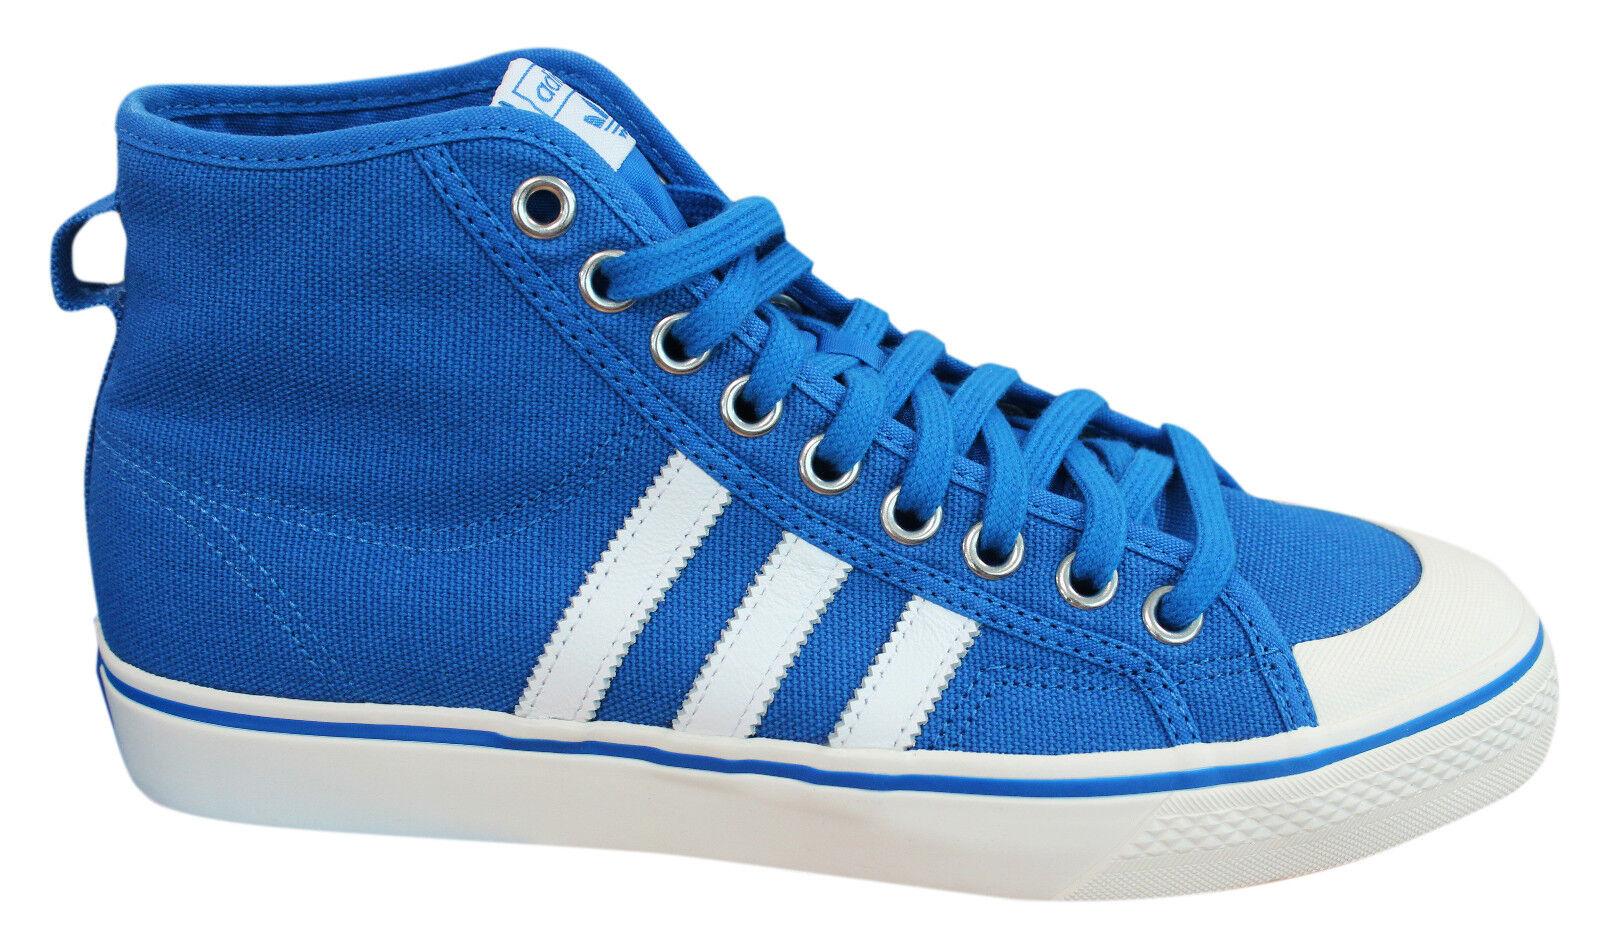 Adidas Originals Nizza Hi Herren Turnschuhe Schnürschuhe Blau Weiß BZ0548 M17